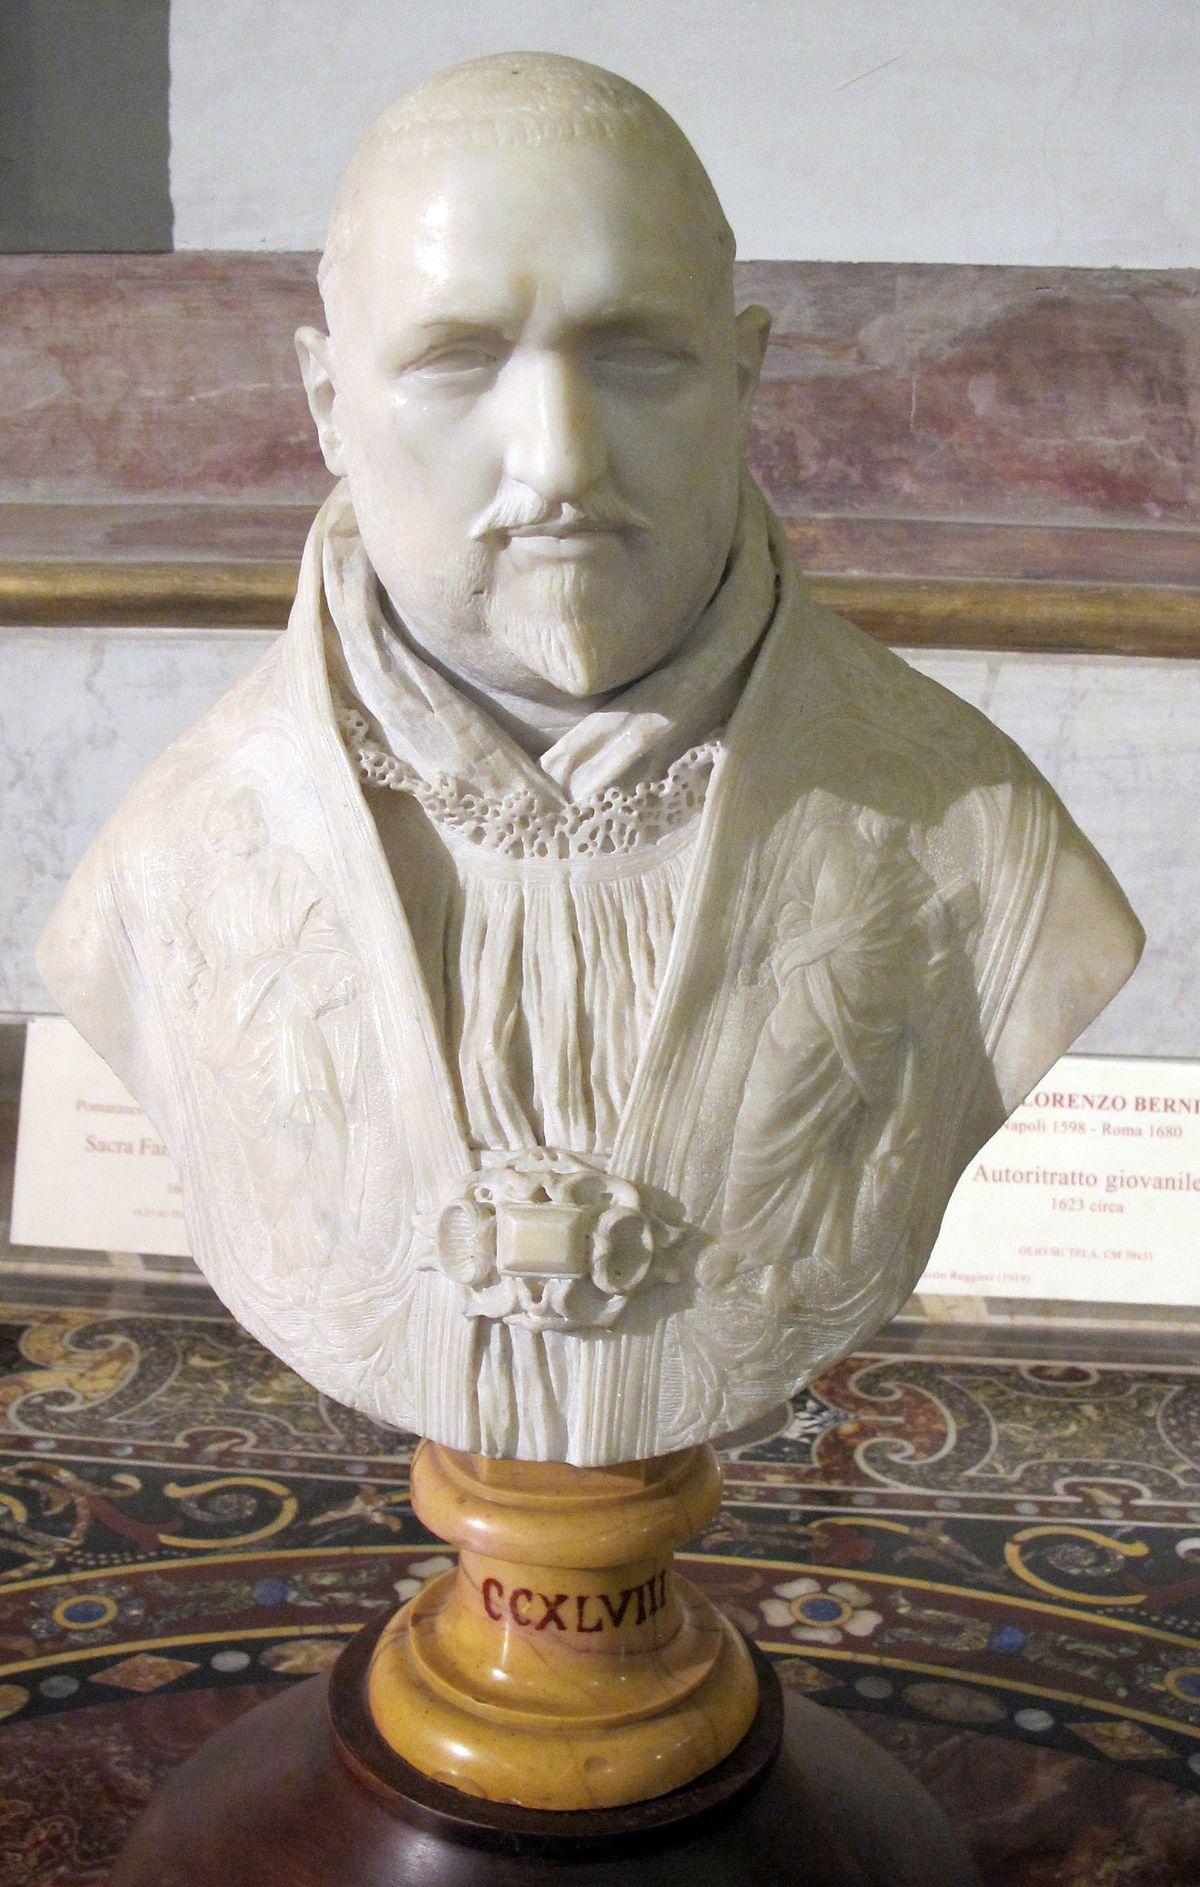 File:Gian lorenzo bernini, busto di paolo V borghese, 1618 ...